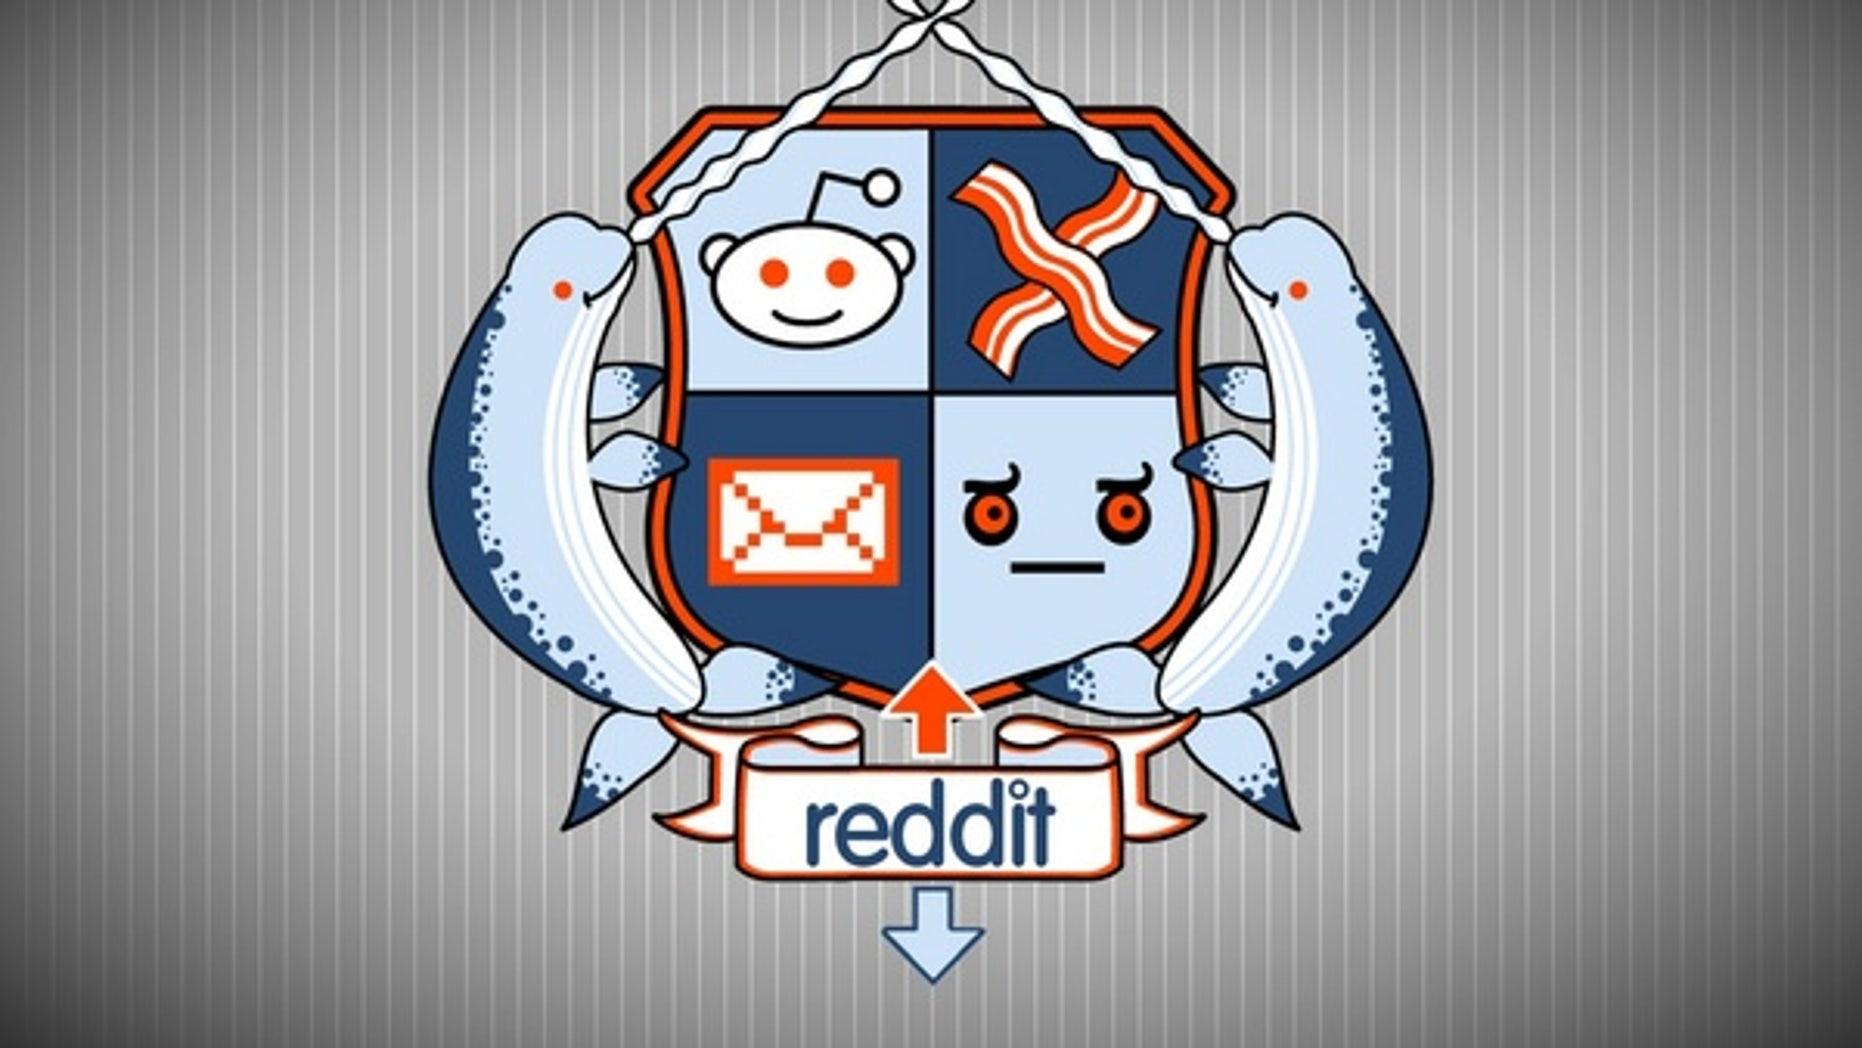 Reddit Coat of Arms artwork by Darel Parker, based on the original design by licenseplate.